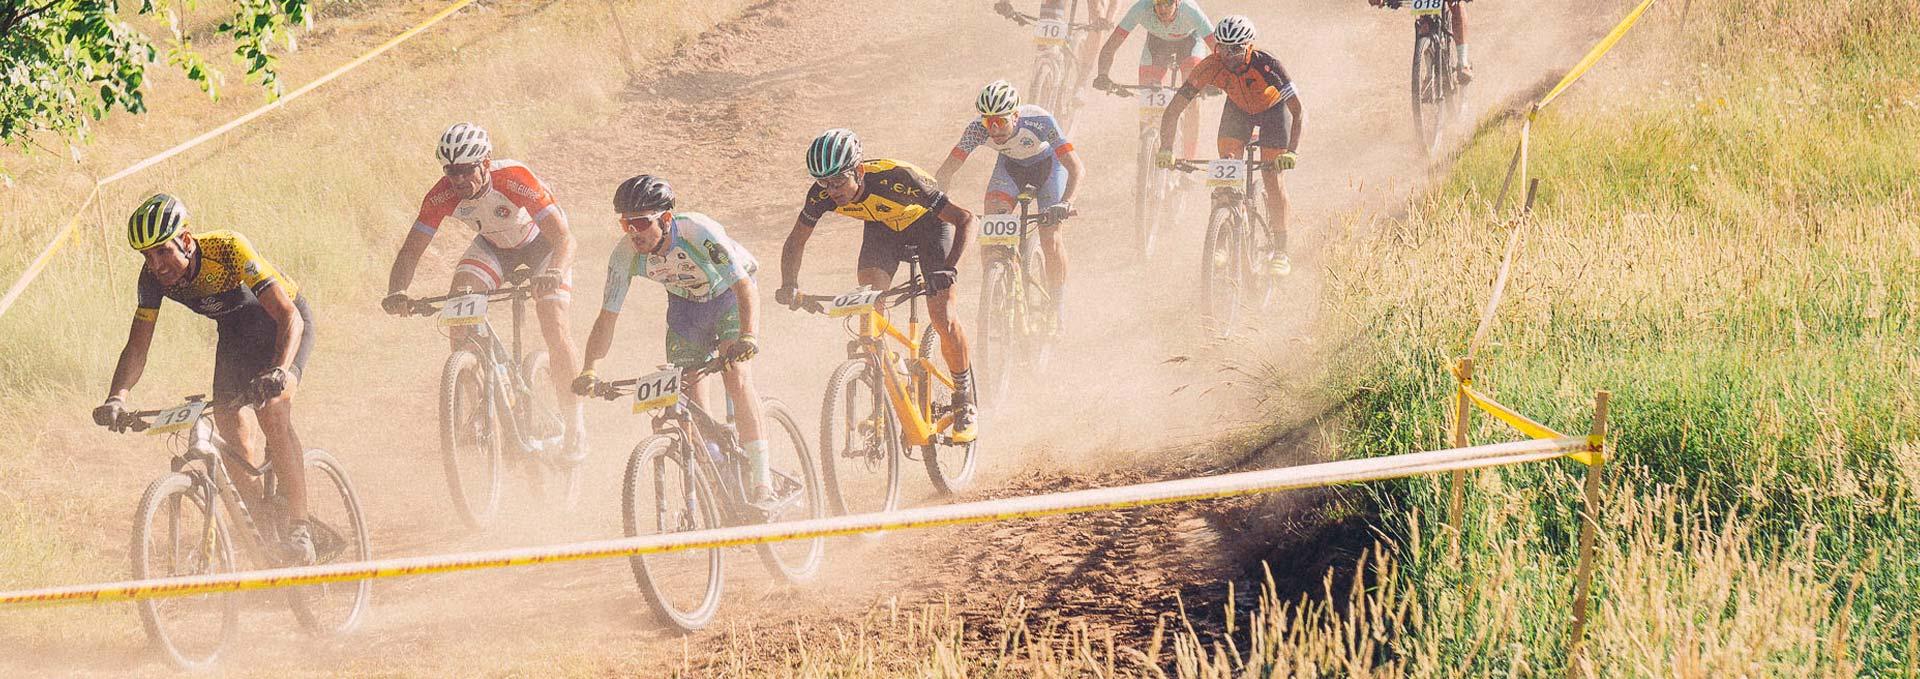 Αγώνες Ποδηλασίας | Racesystem.gr